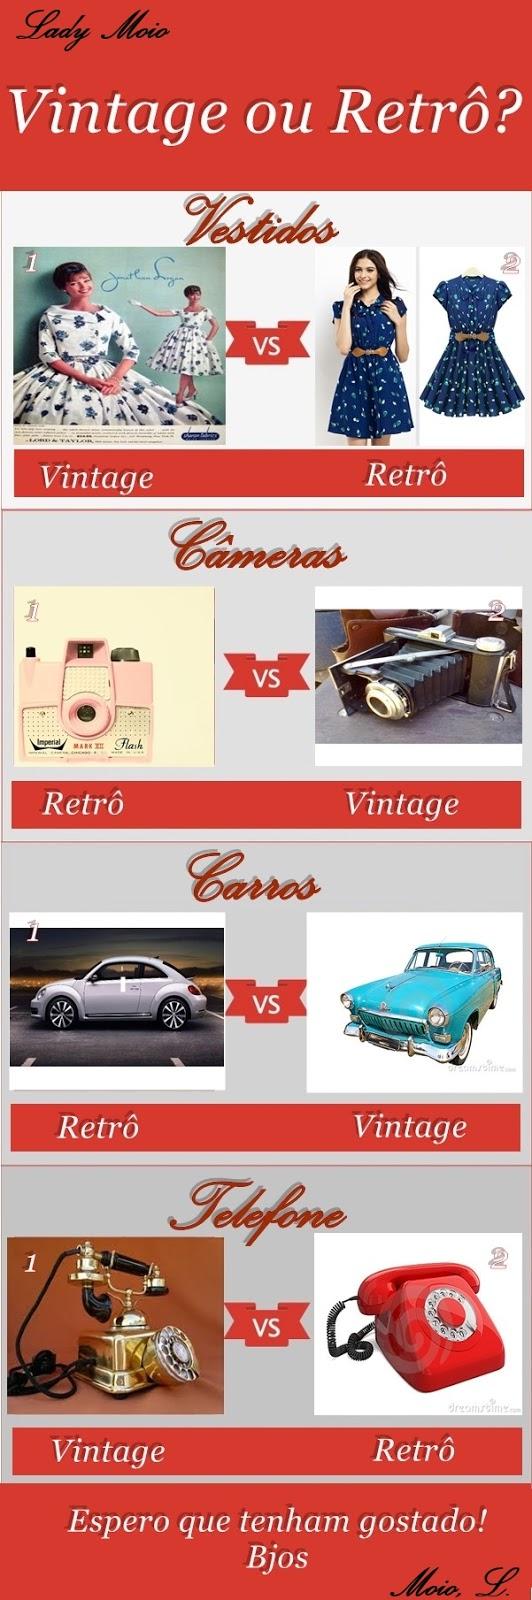 retrô e vintage diferenças